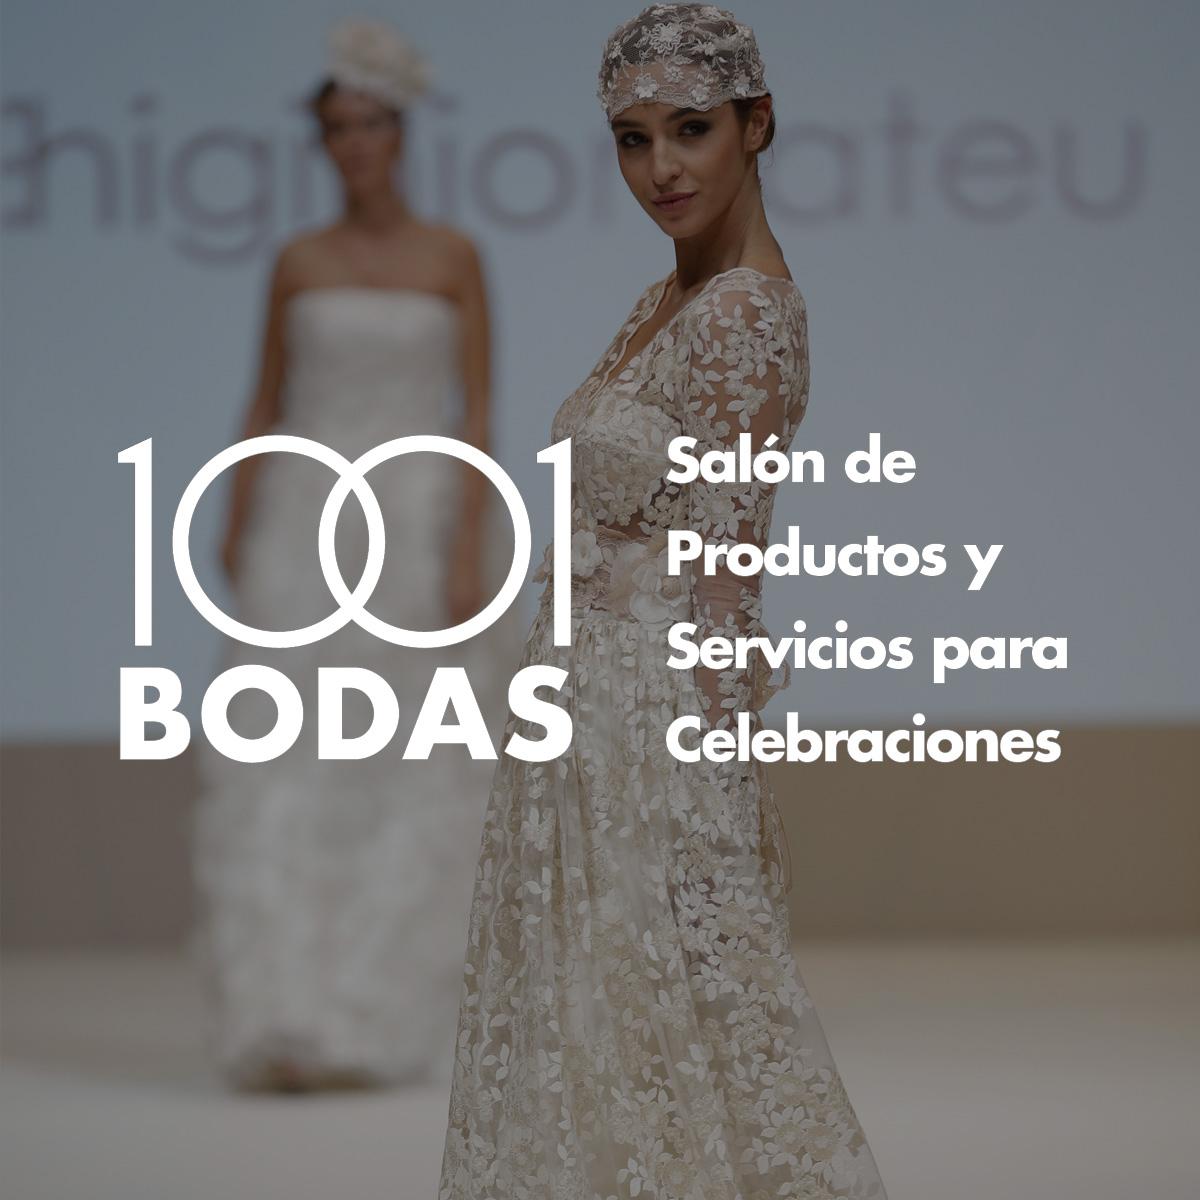 Proyecto 1001 Bodas